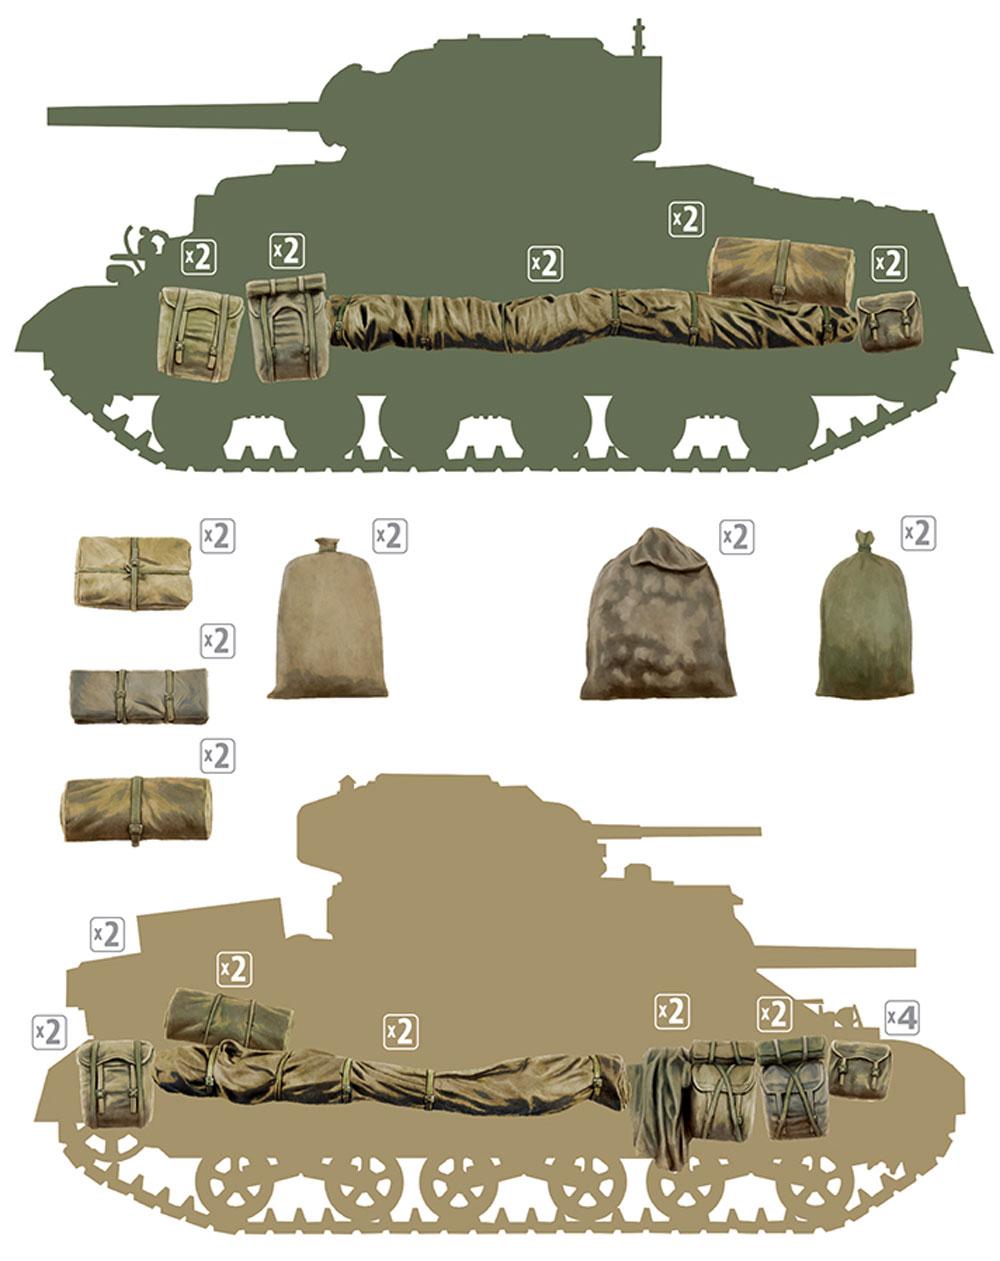 イギリス 軍用リュックサック、フィールドキャンバス & バッグ WW2プラモデル(ミニアート1/35 ビルディング&アクセサリー シリーズNo.35599)商品画像_1